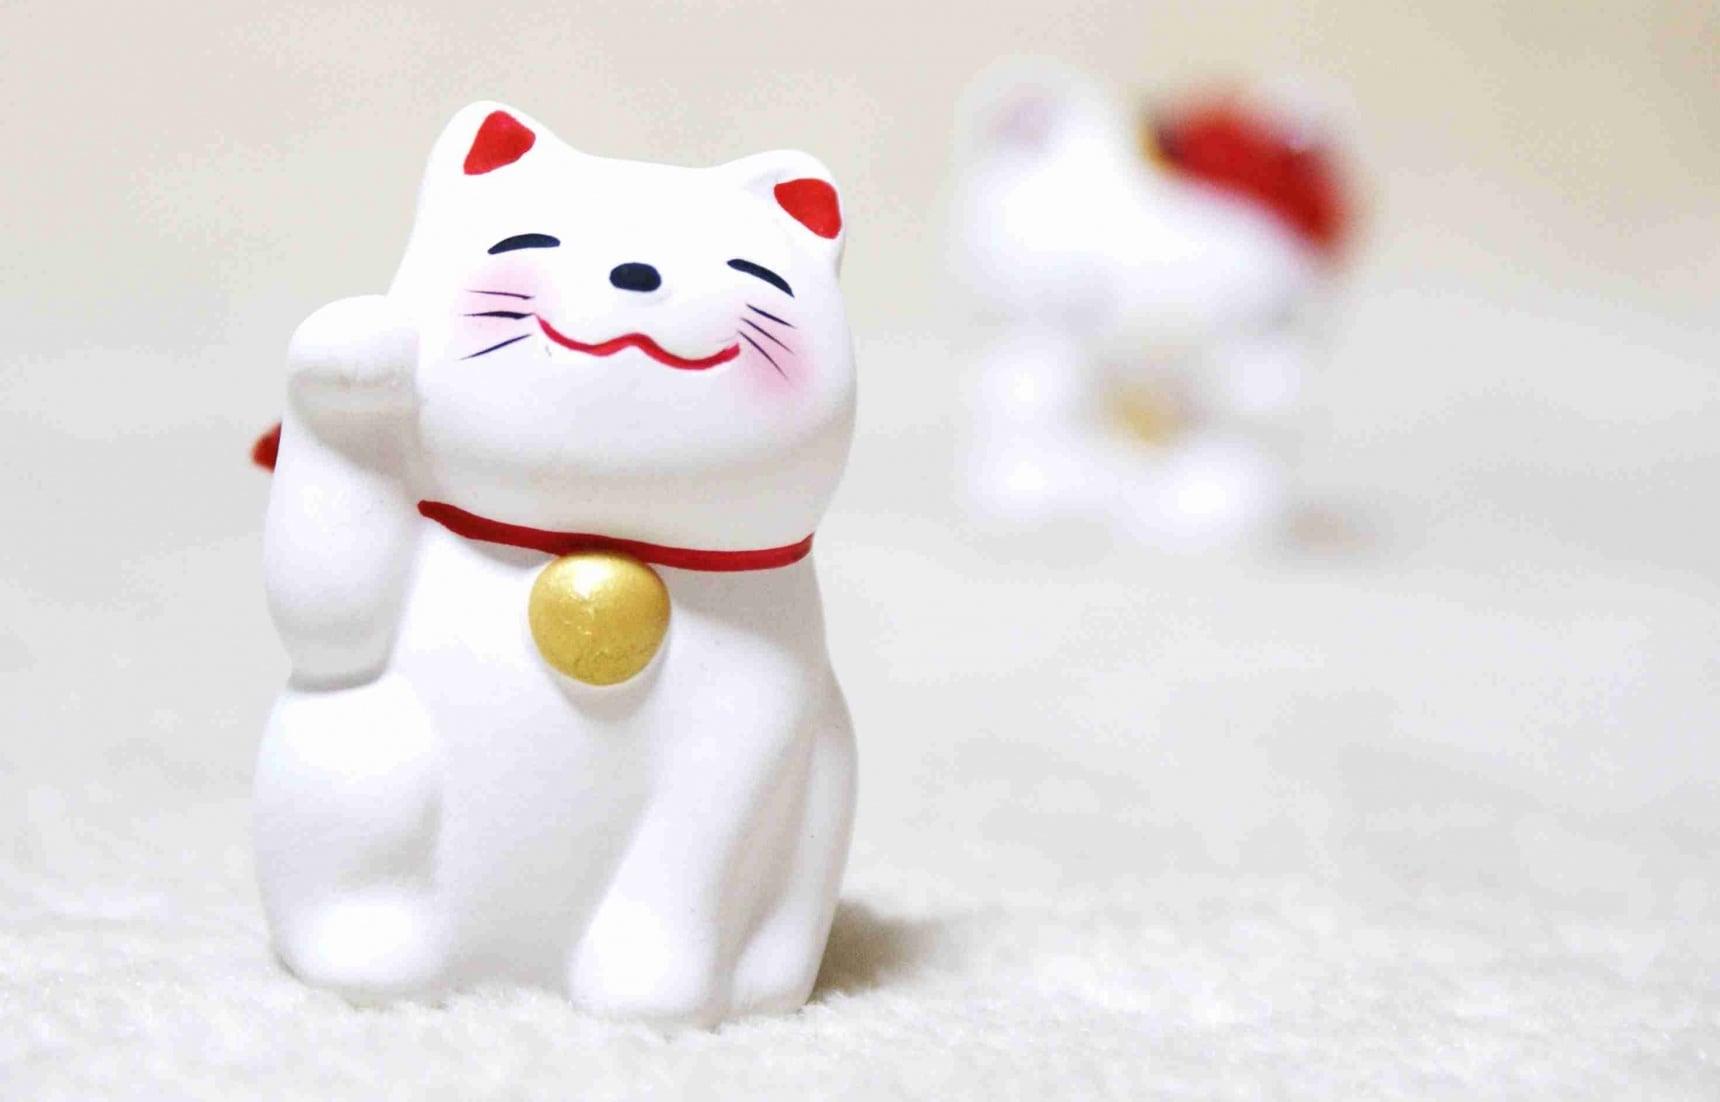 10 แมวกวักรุ่นใหม่ ที่น่าควักเงินให้